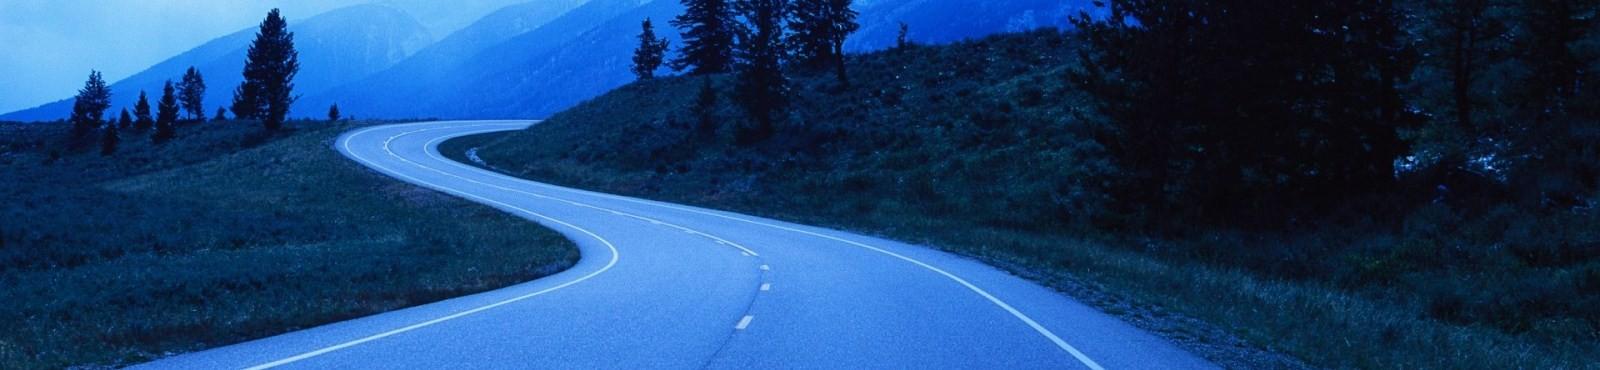 Оценка автодорог